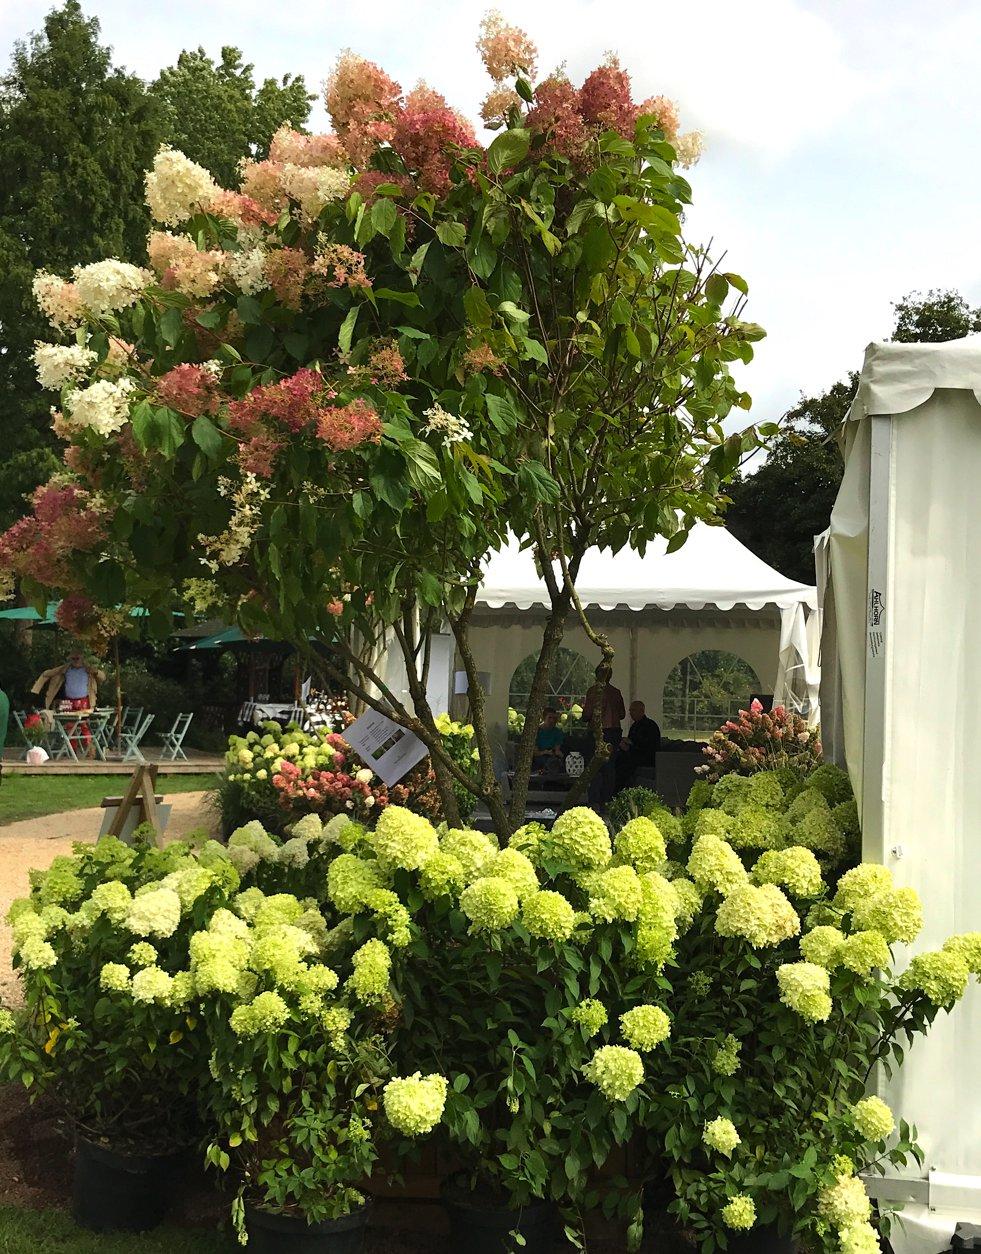 Hortensienbaum, Herbstpartie Gut Barbarastein, Lifestyle-Blog, Lieblingsstil.com